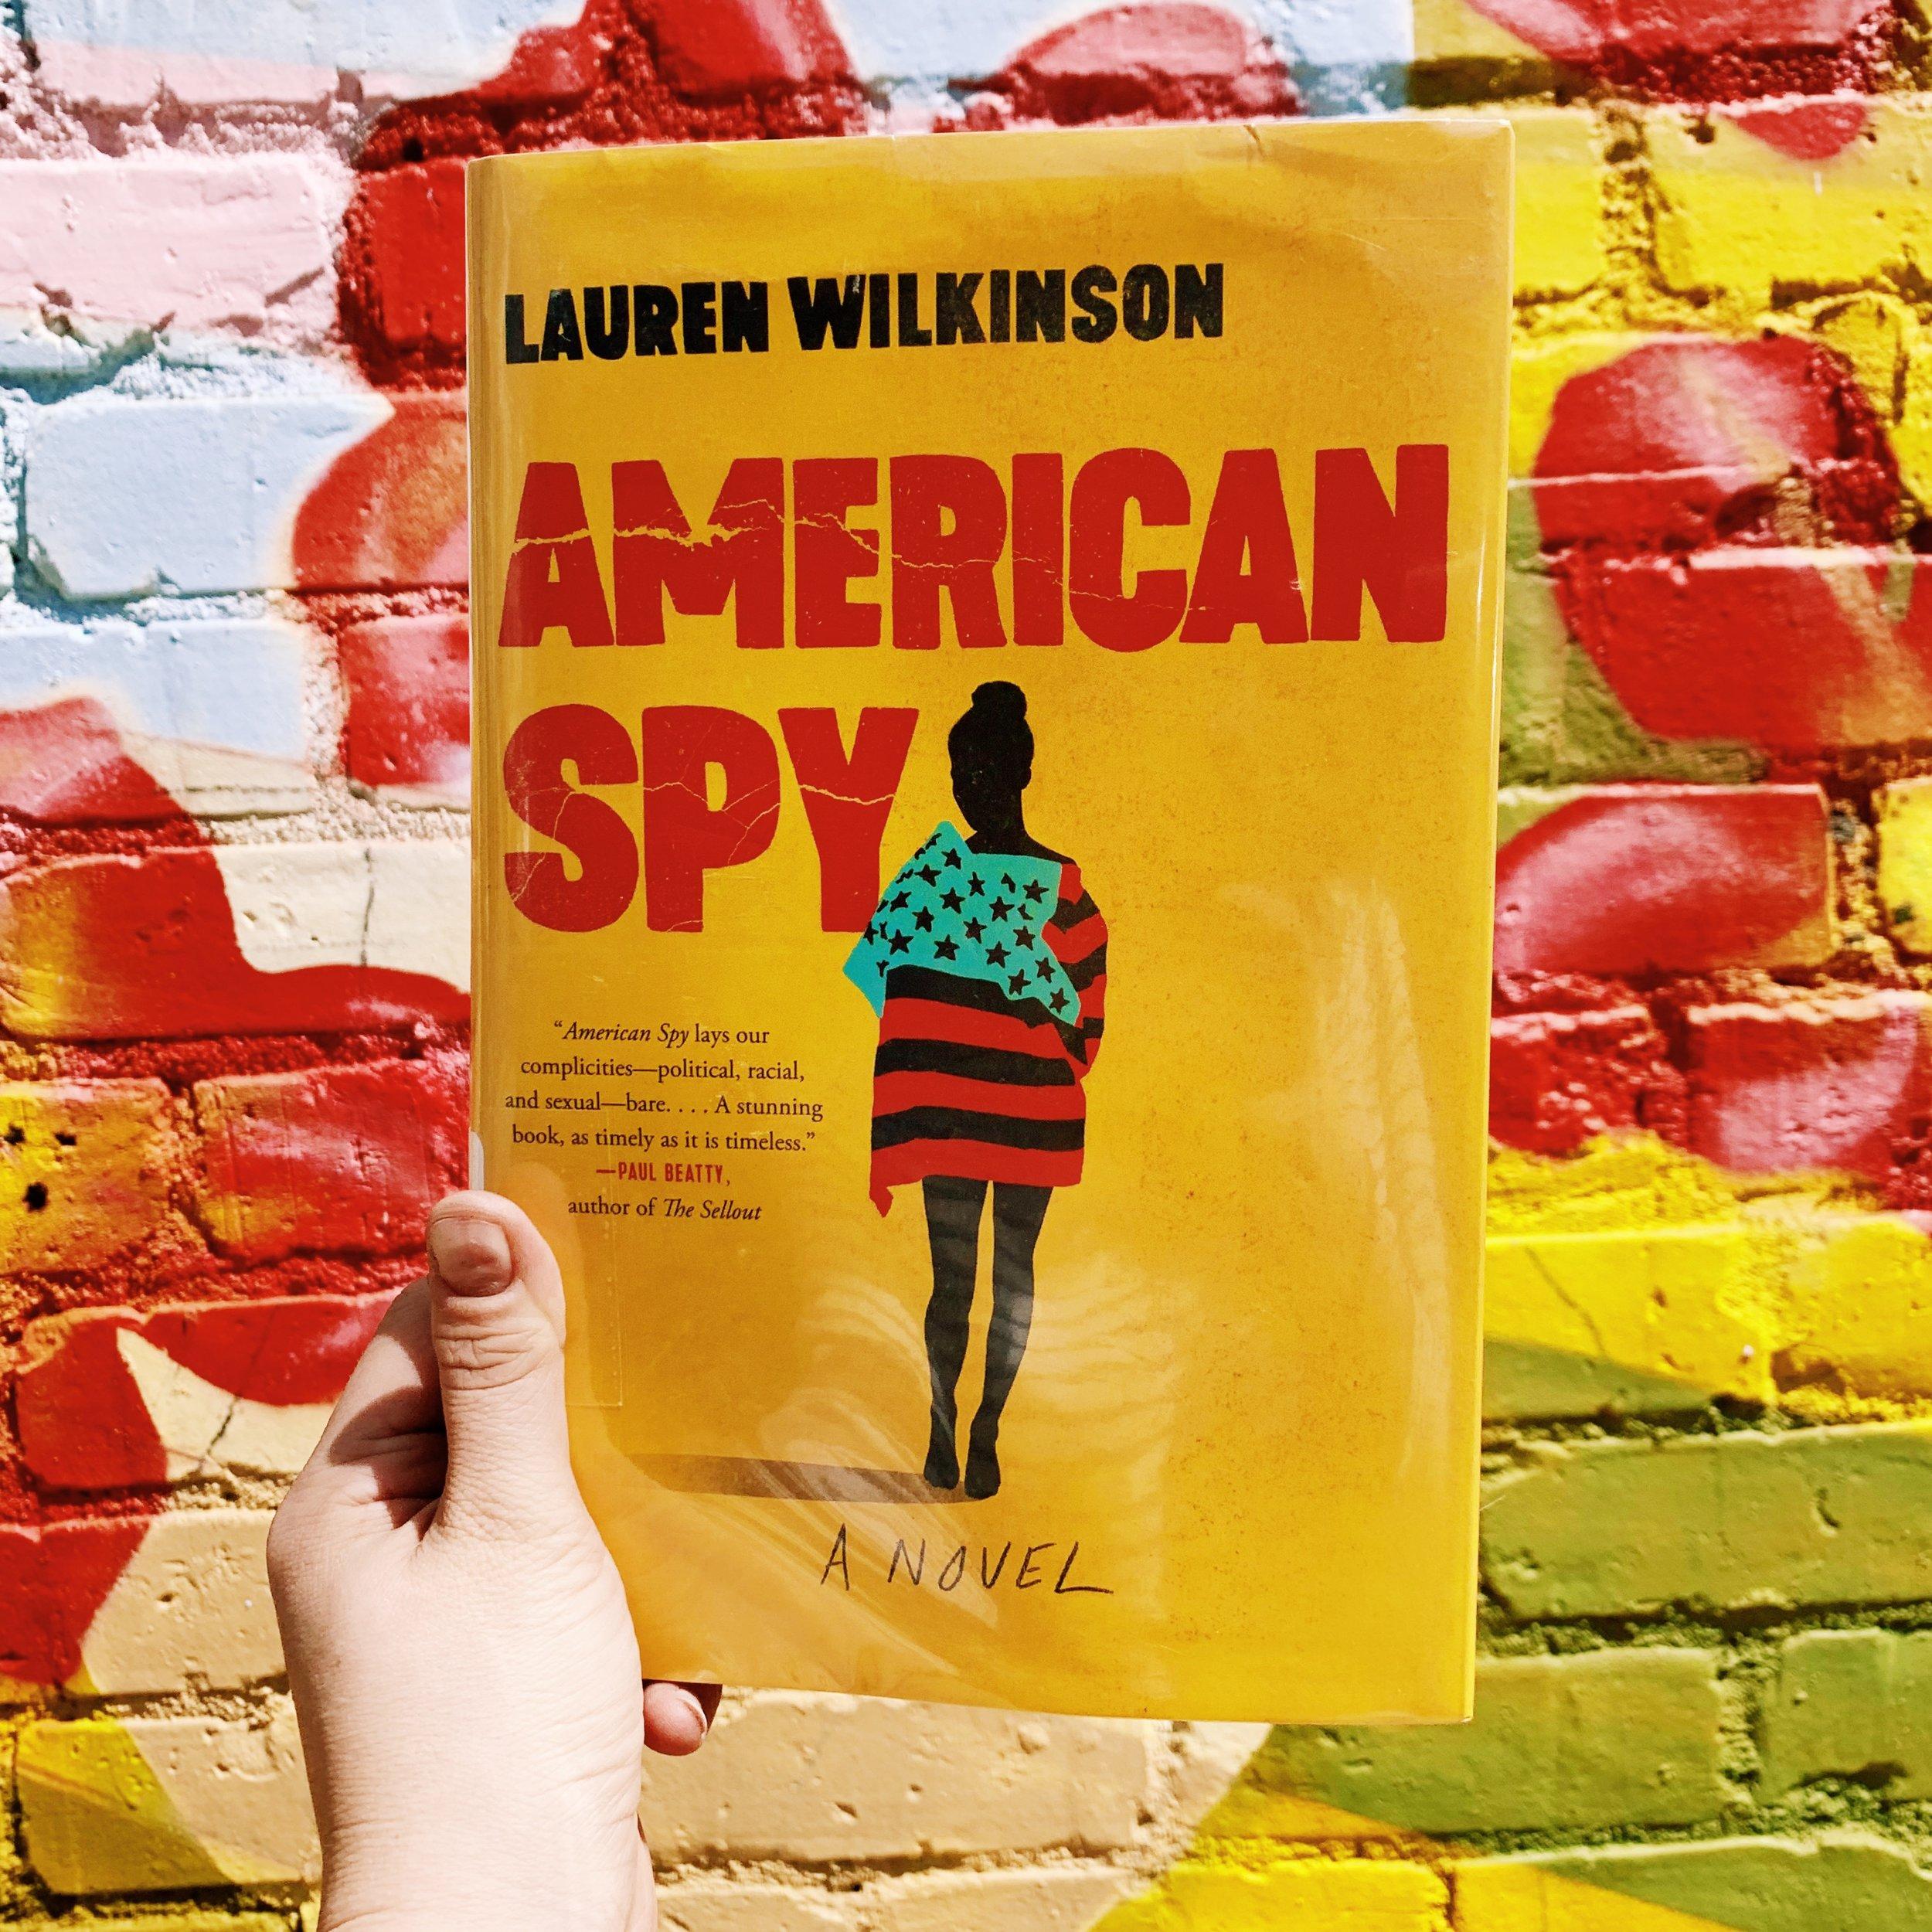 americanspy_book.JPG